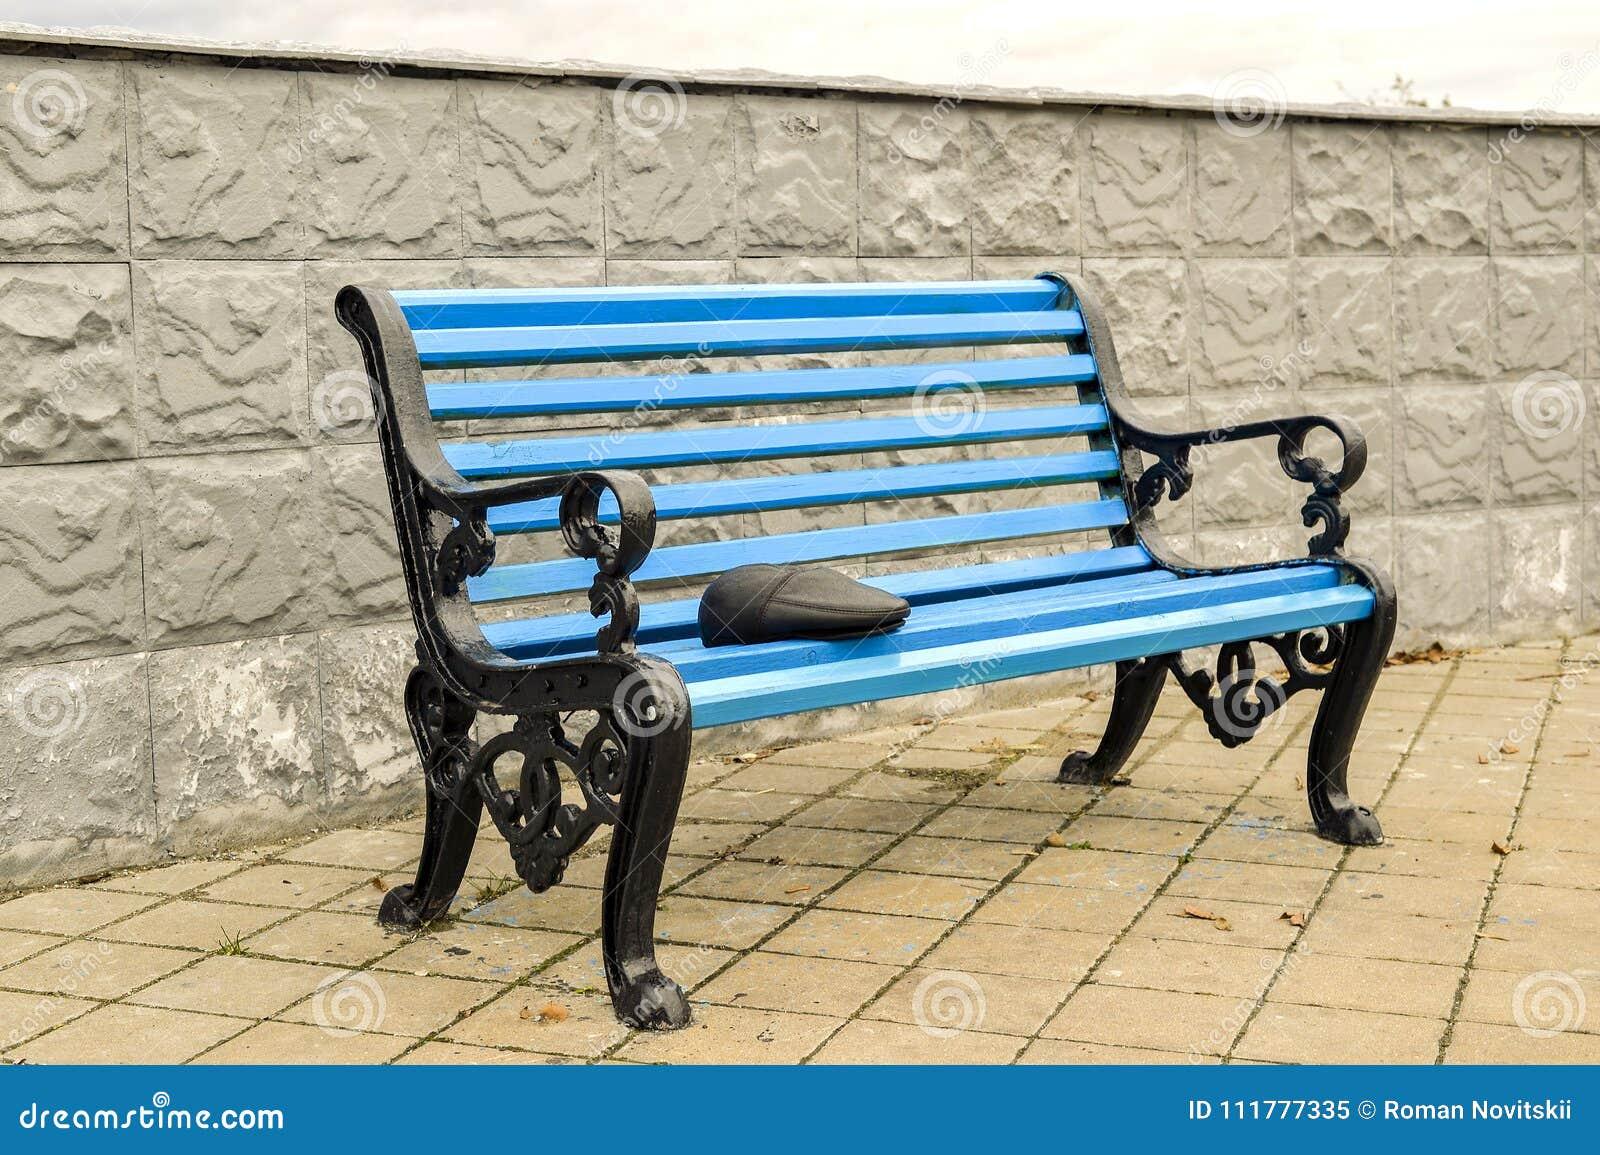 Le banc bleu en parc sur le trottoir carrelé aucun corps